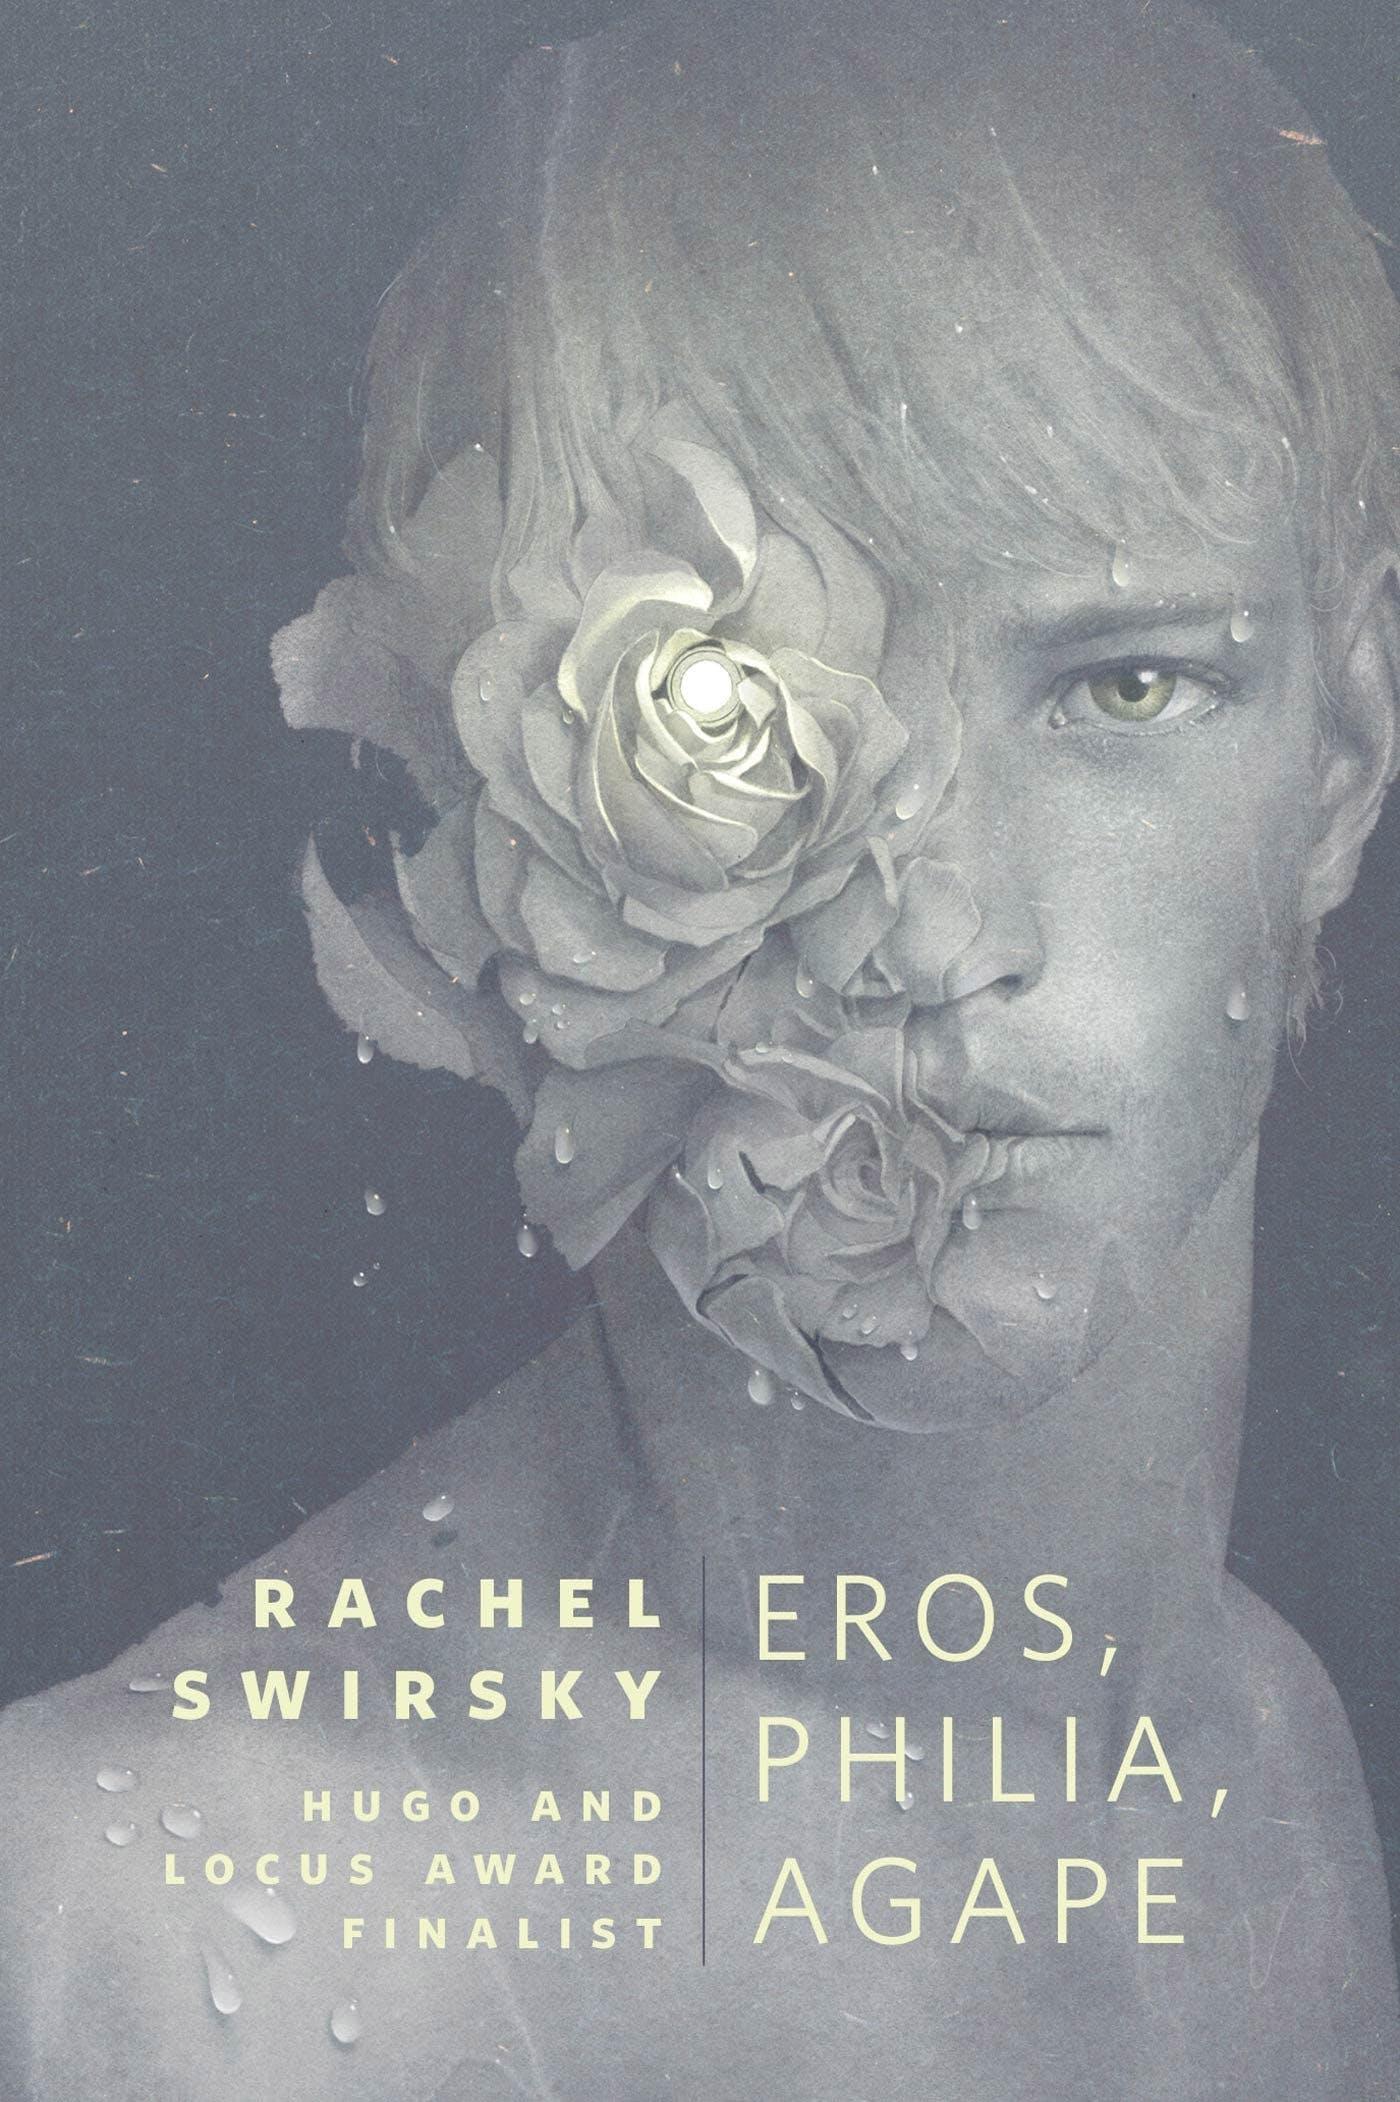 Image of Eros, Philia, Agape